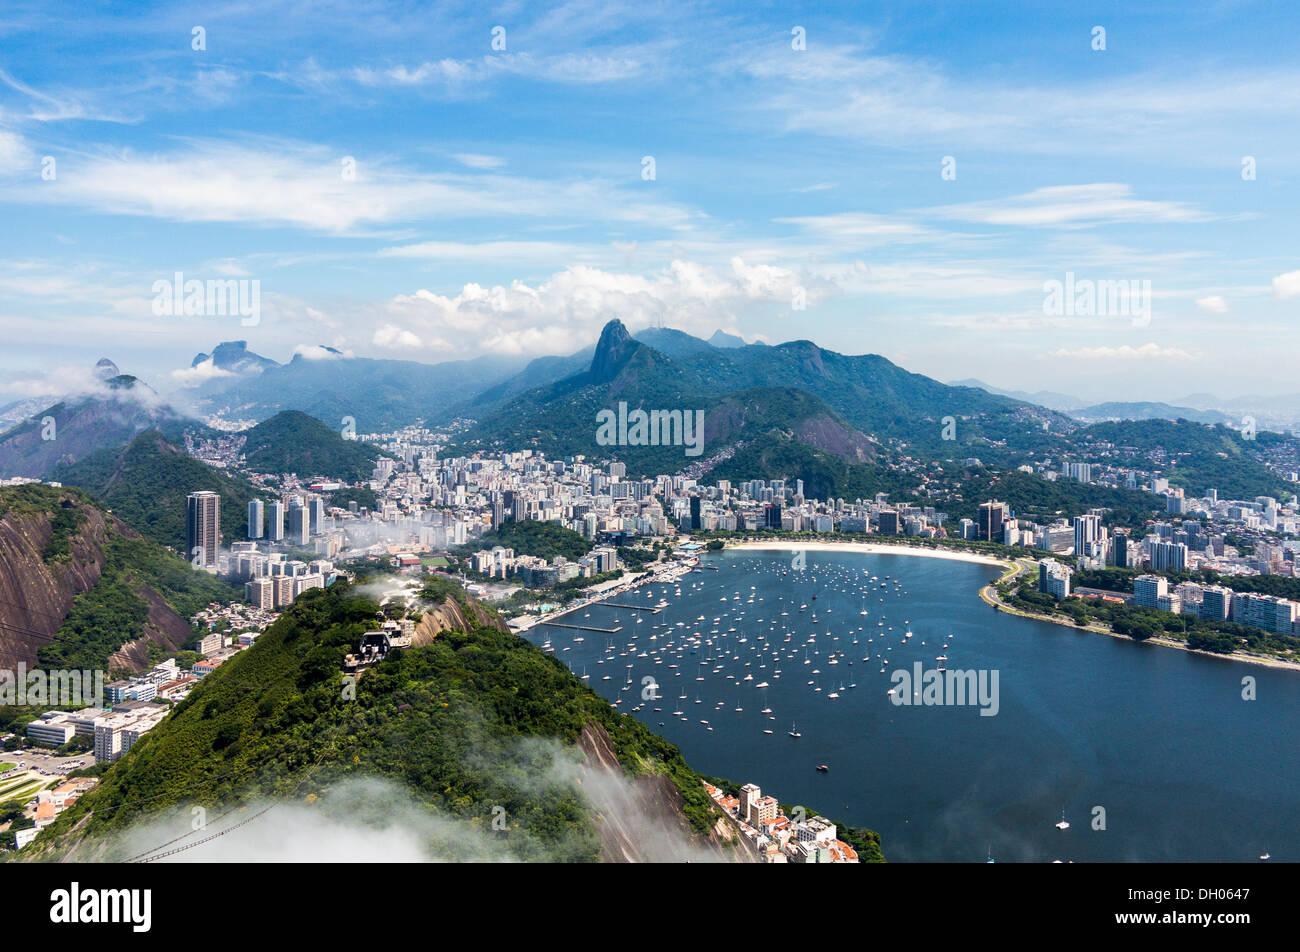 Vue aérienne de la ville et le port de Rio de Janeiro au Brésil à partir de la télécabine sur Sugarloaf Mountain Photo Stock